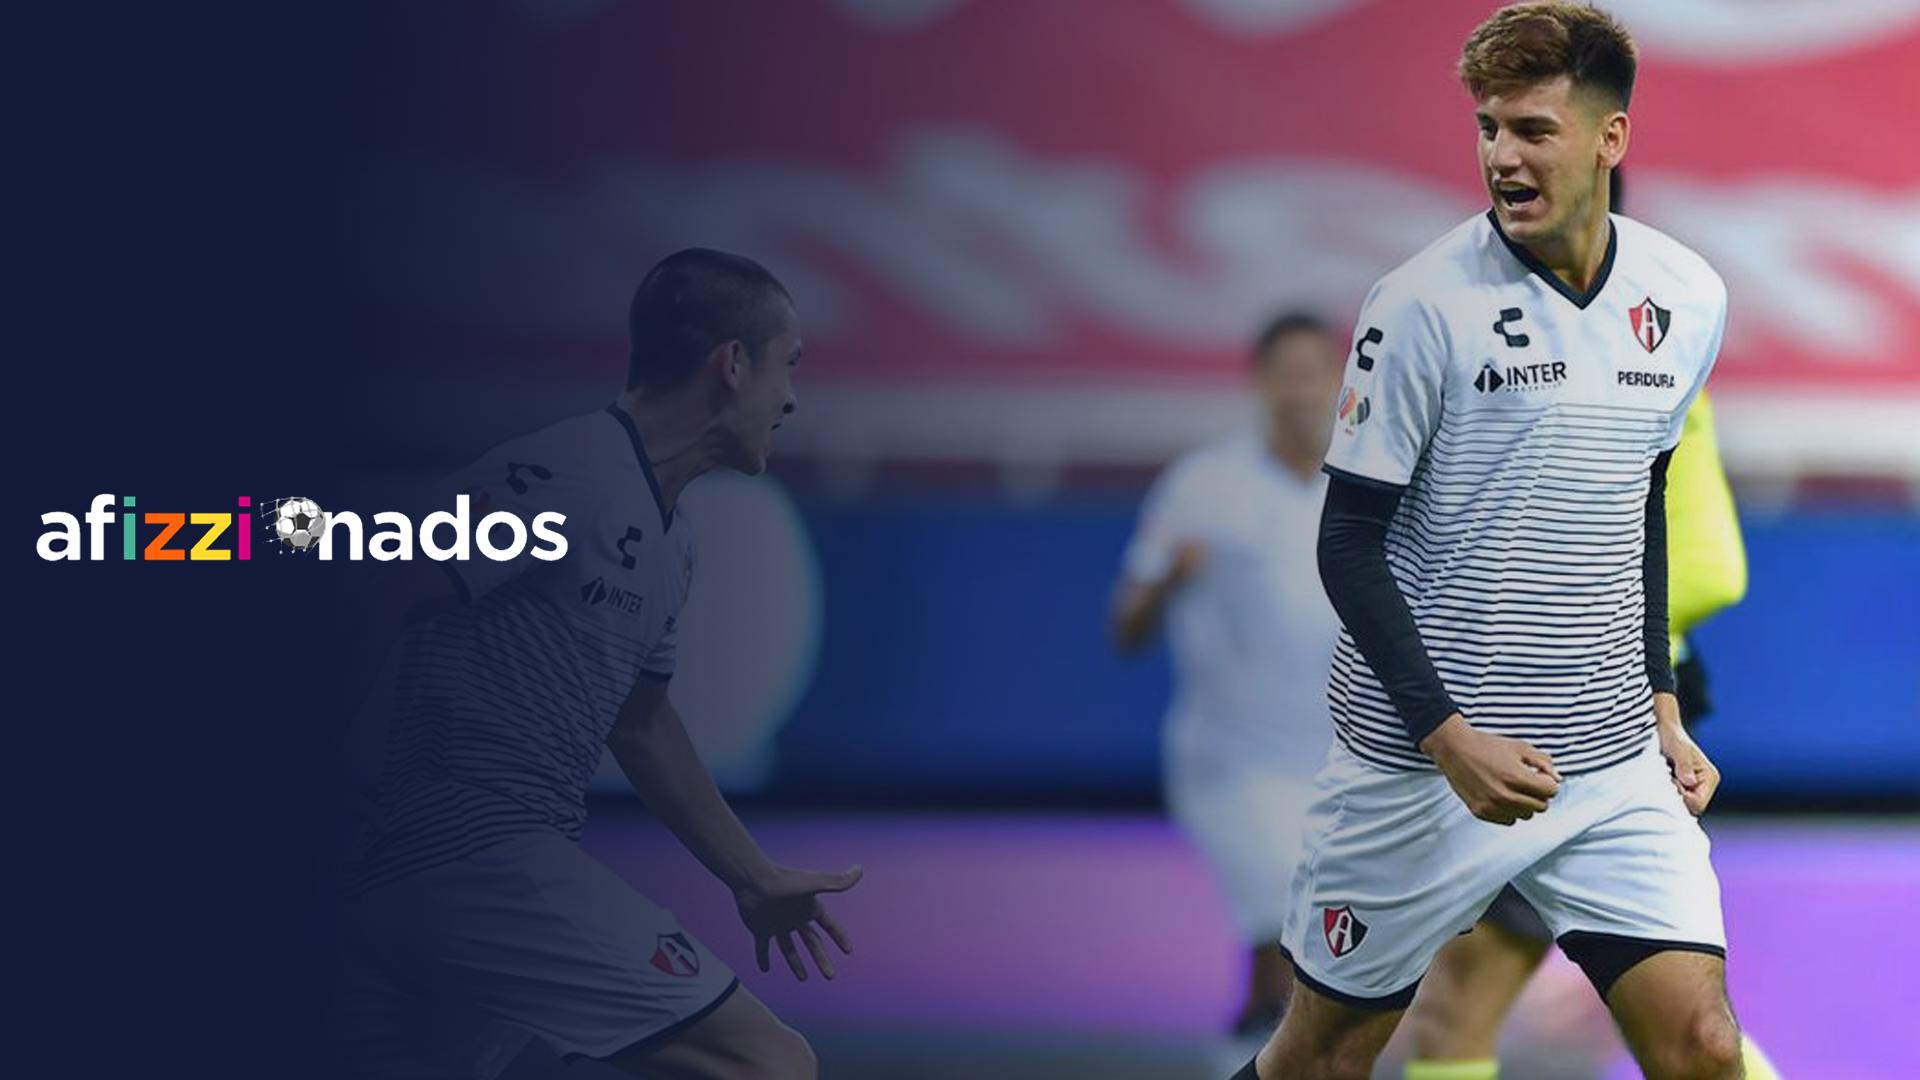 Liga MX: Partidos de Atlas que serán transmitidos en exclusiva por Afizzionados